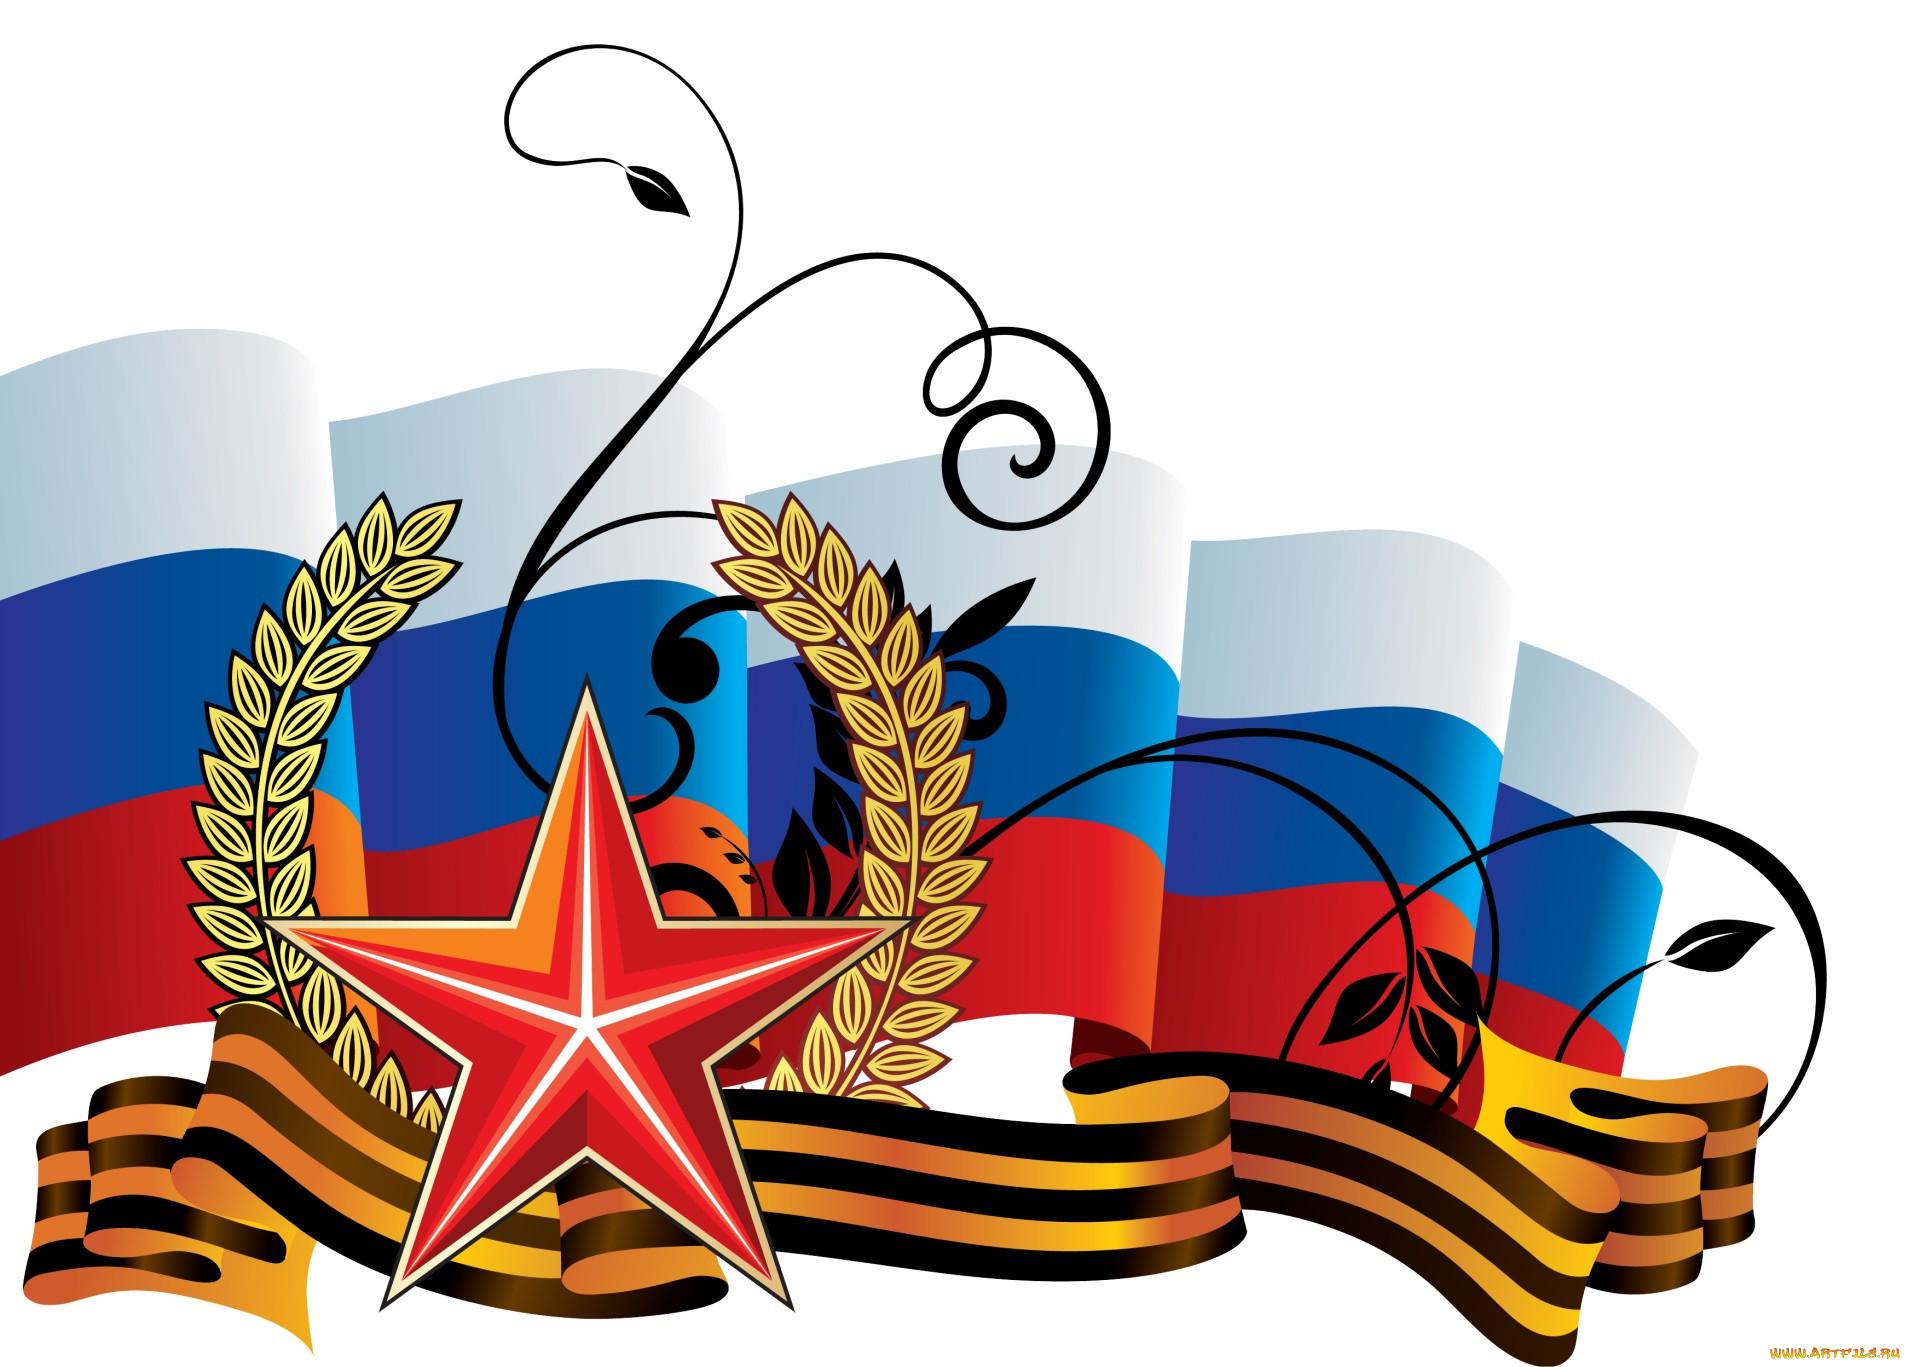 символы день защитника отечества картинки проекта